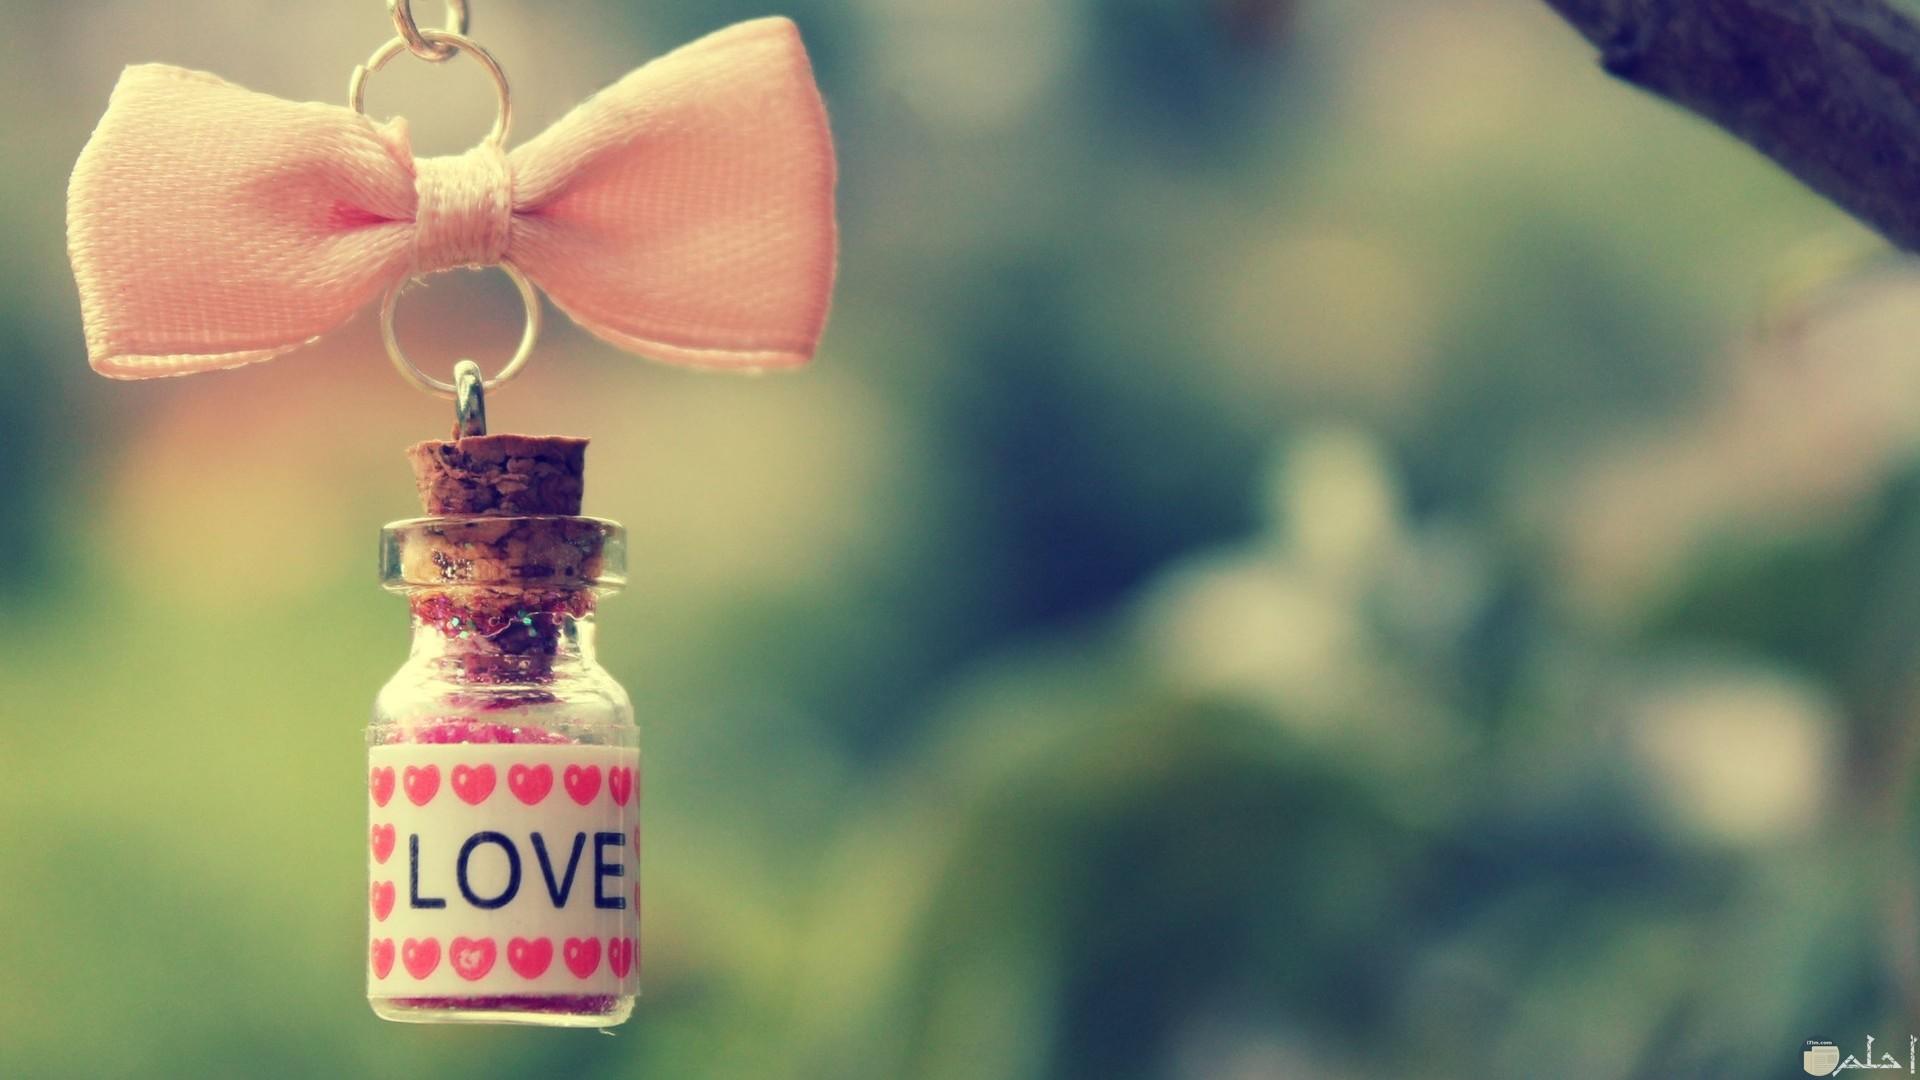 زجاجة معلقة مكتوب عليها حب فى صورة بروفايل.